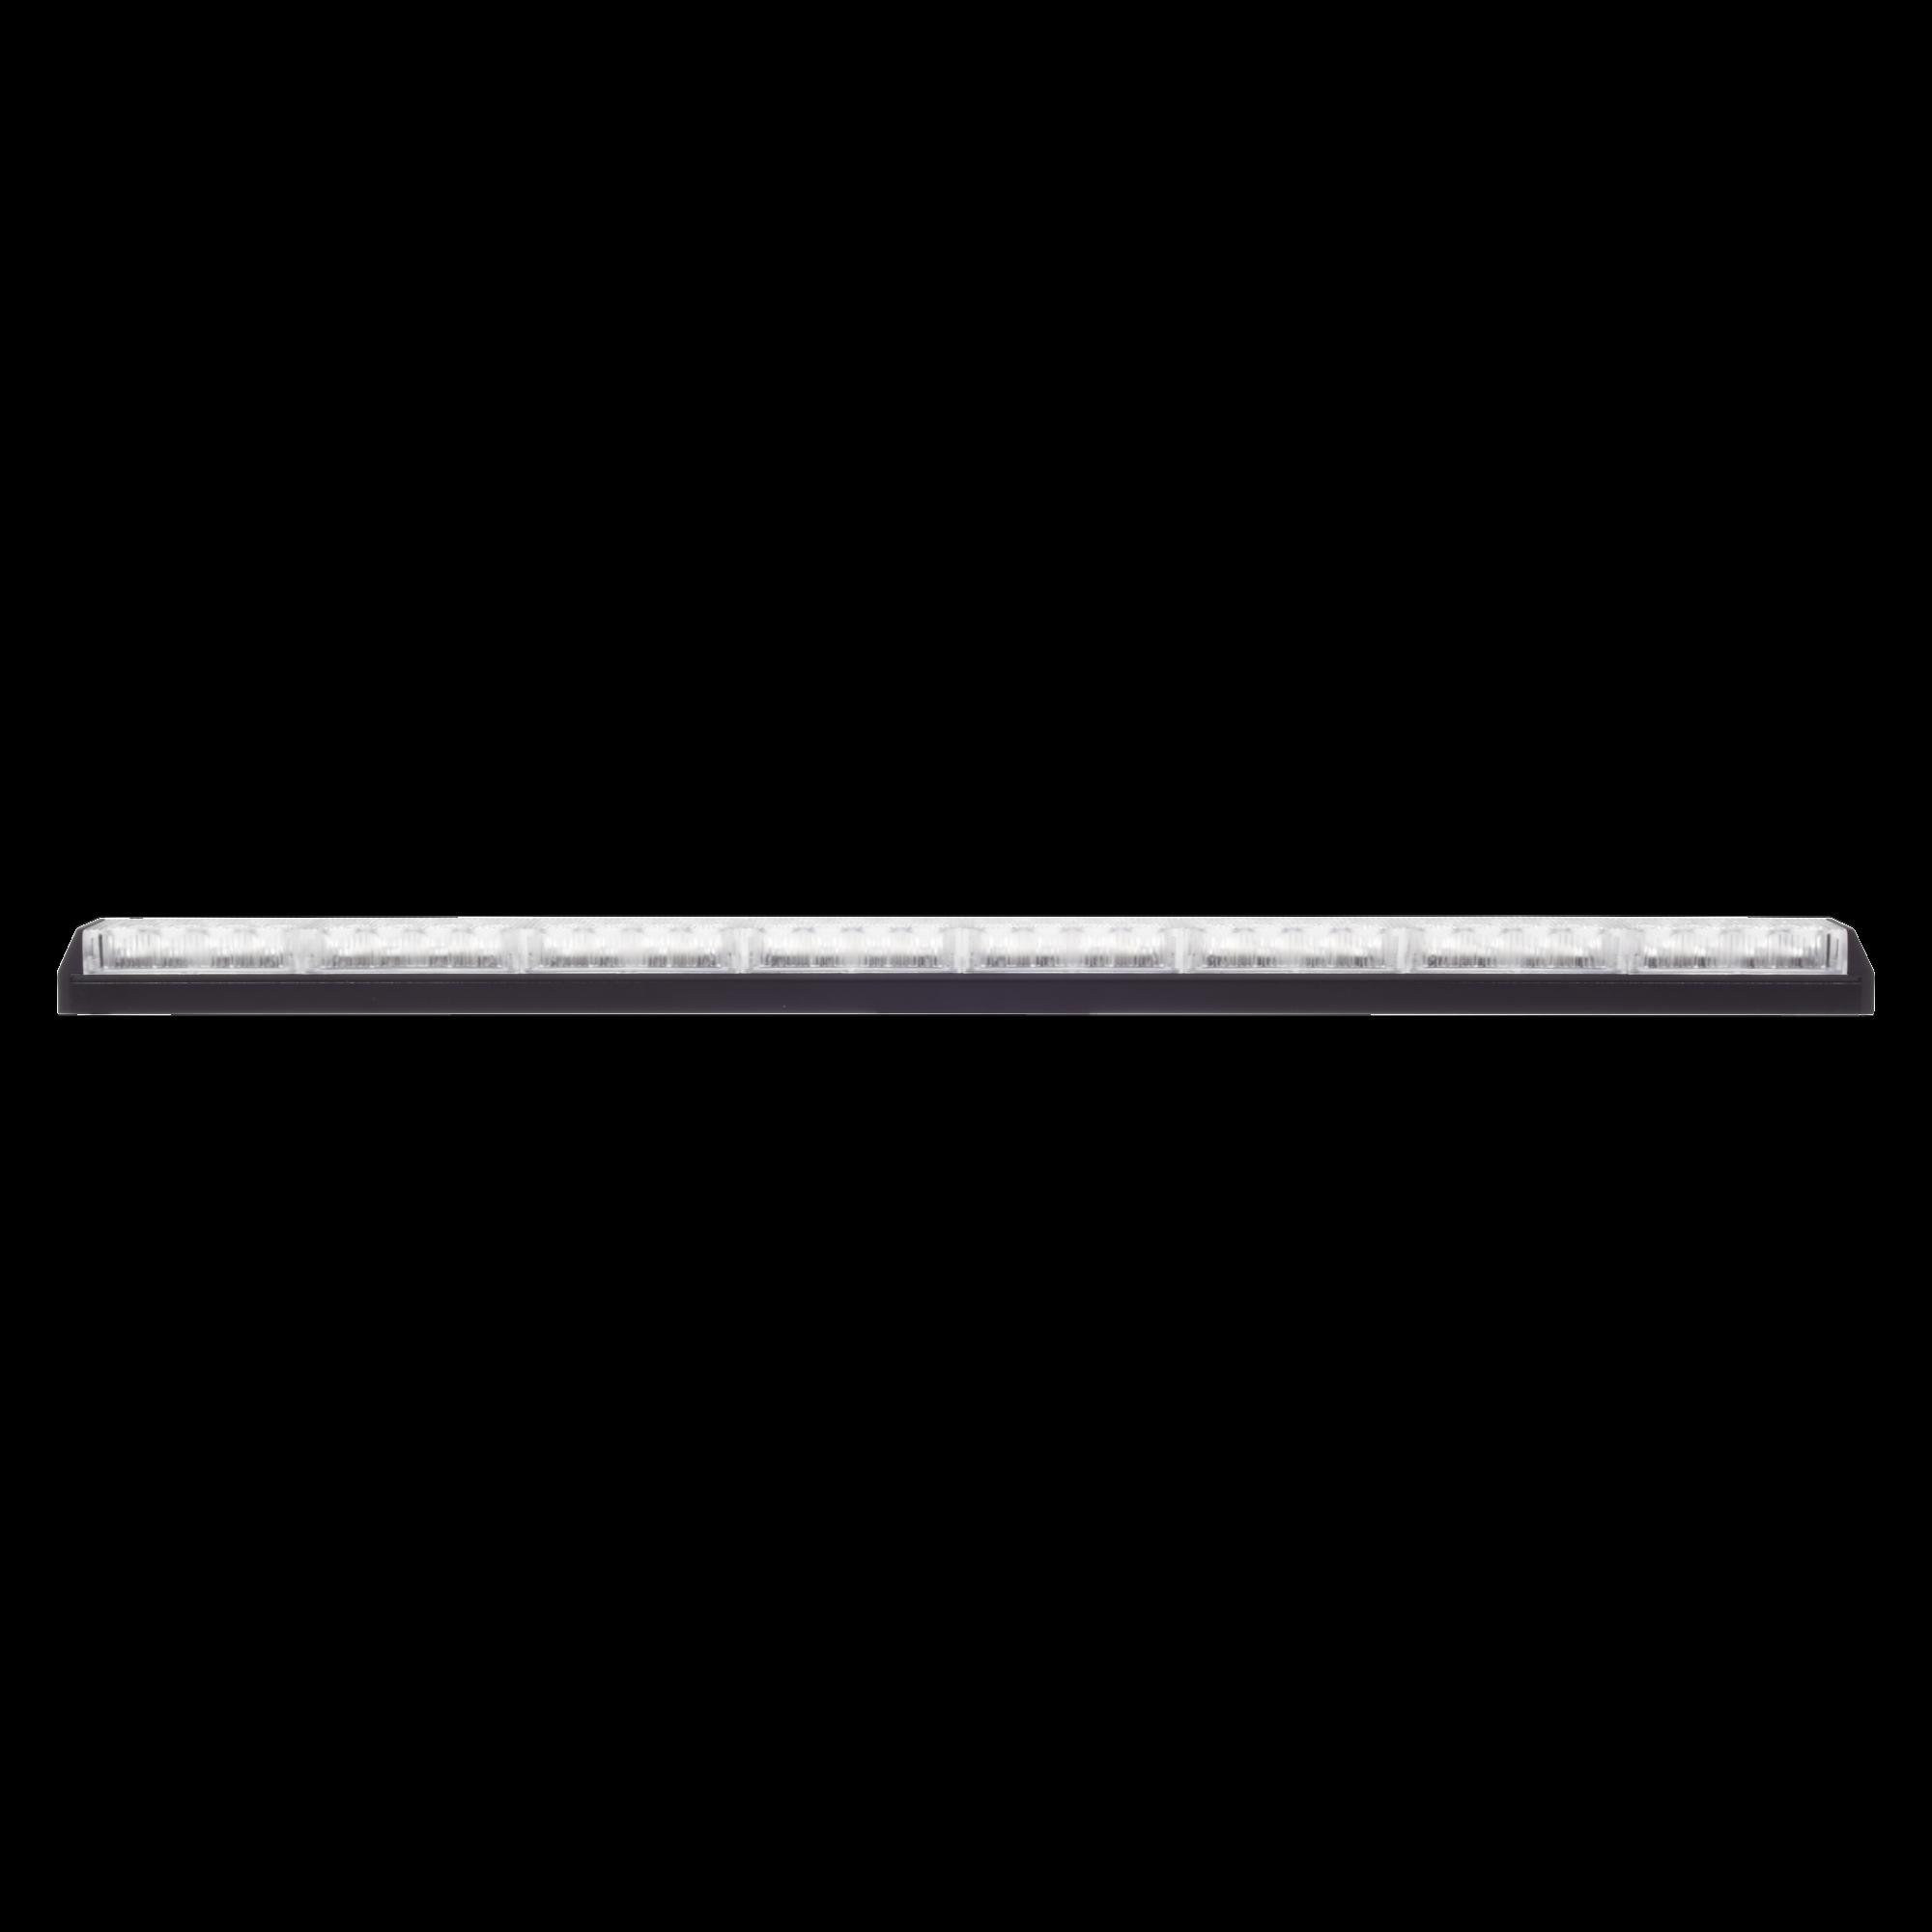 Barra de luz de advertencia de 8 módulos claros